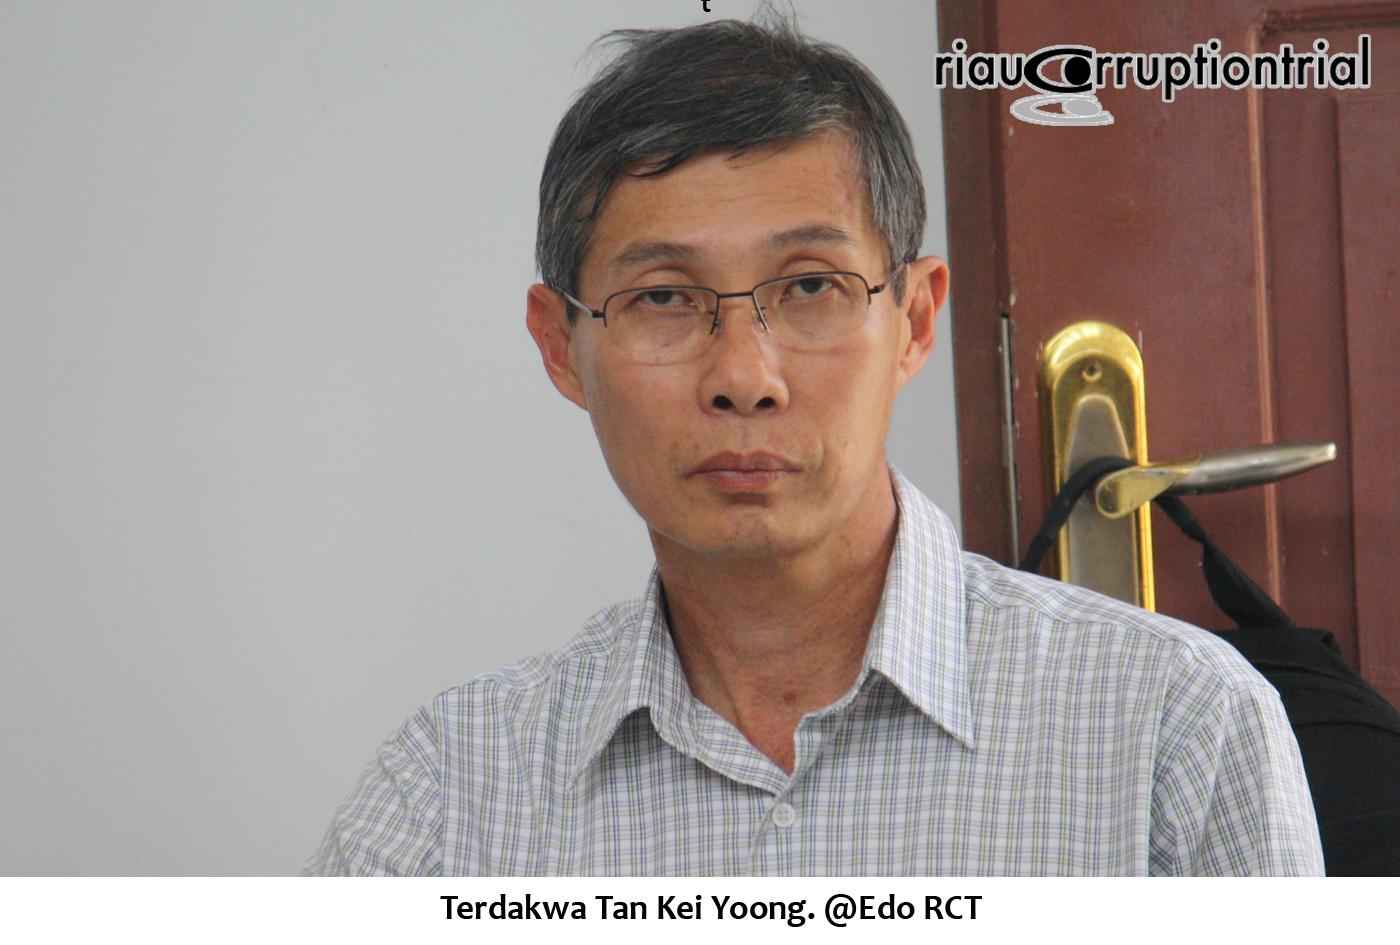 Terdakwa Tan Kei Yoong